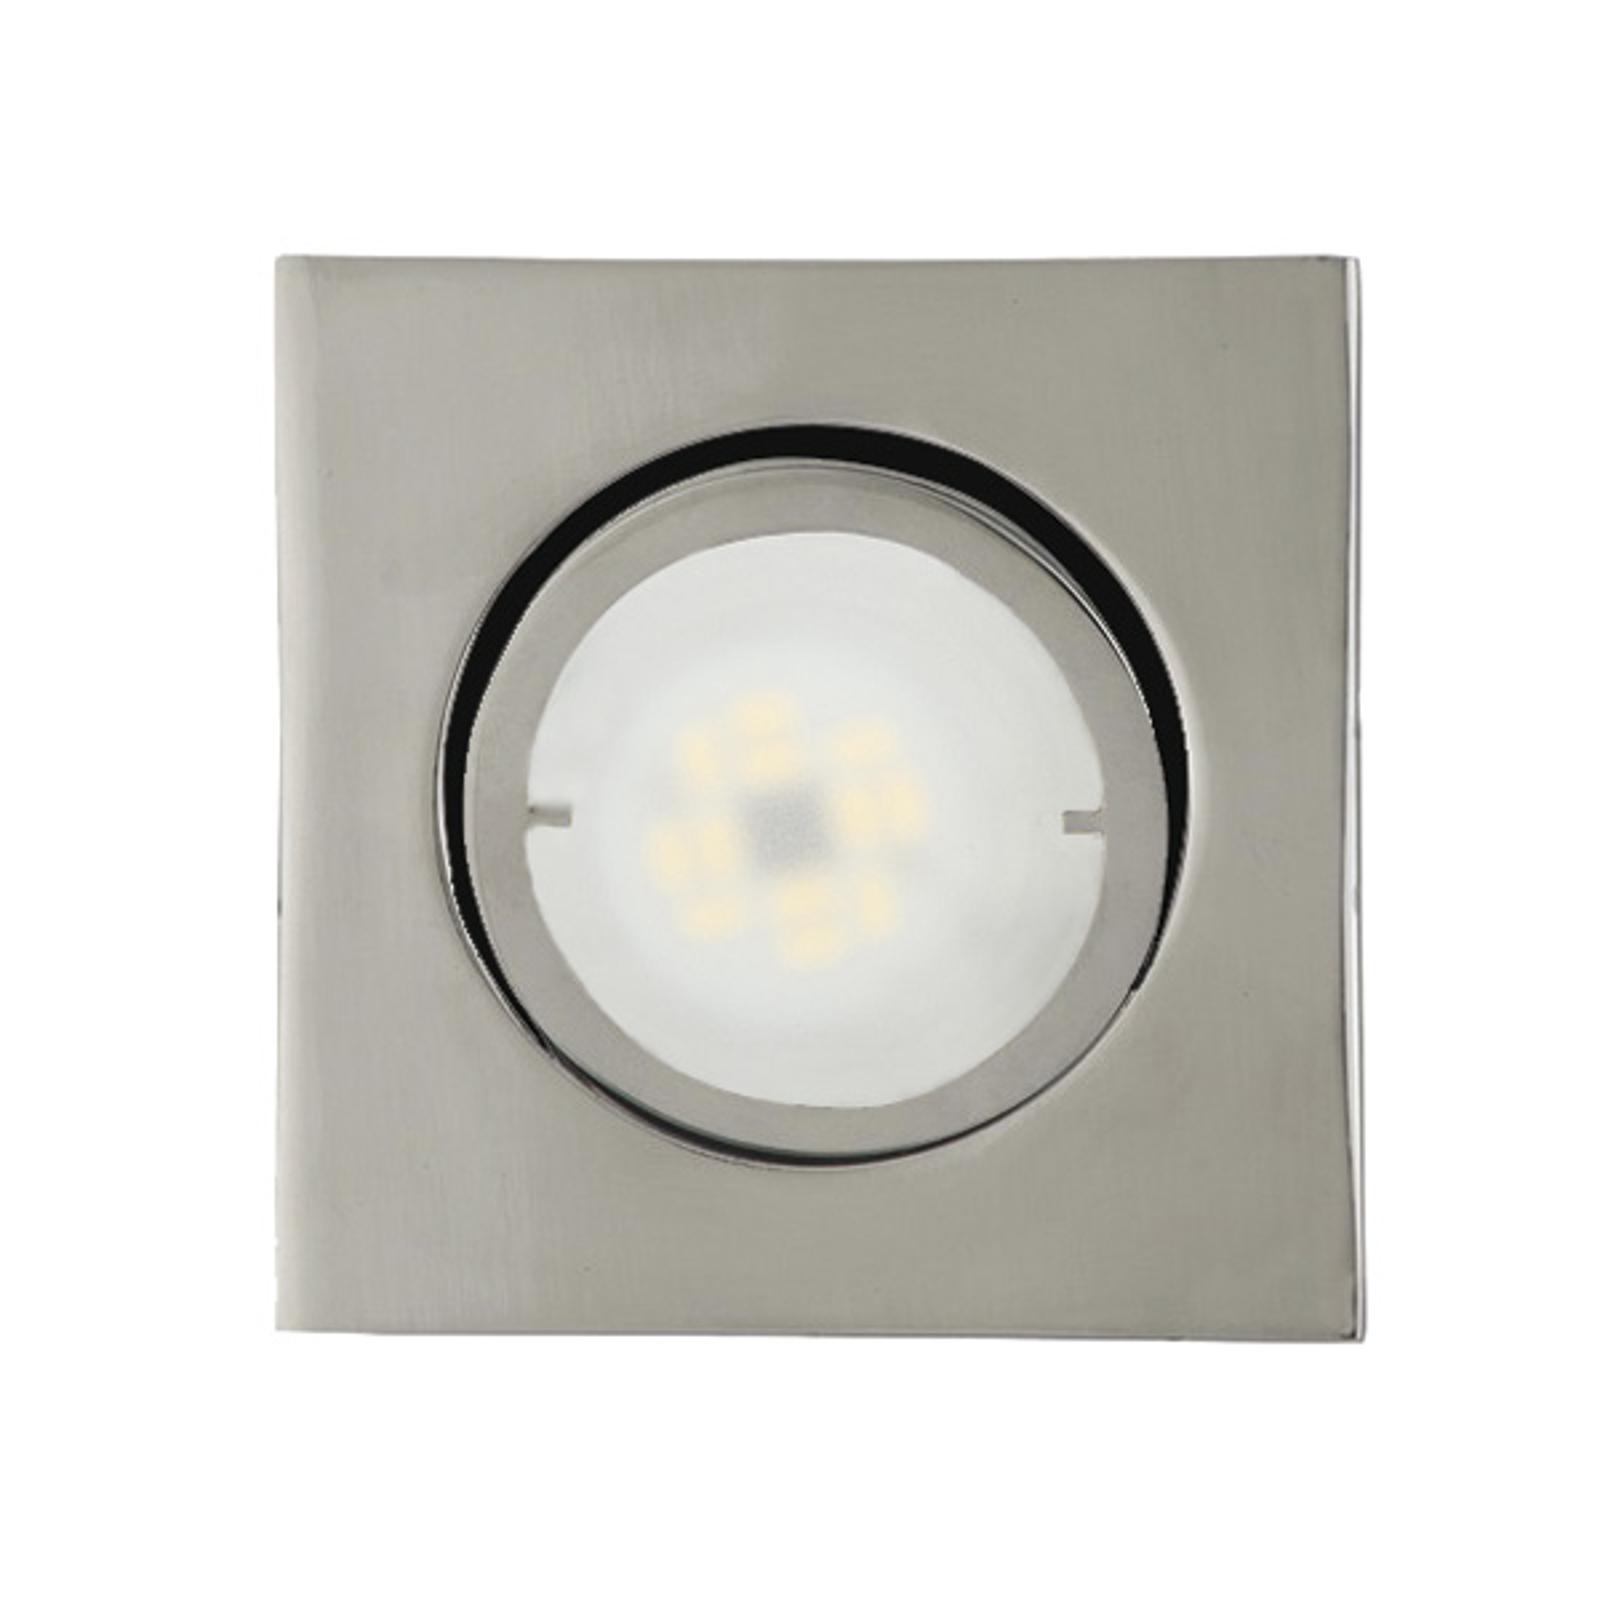 Lampe encastrable LED Joanie angulaire, chromé